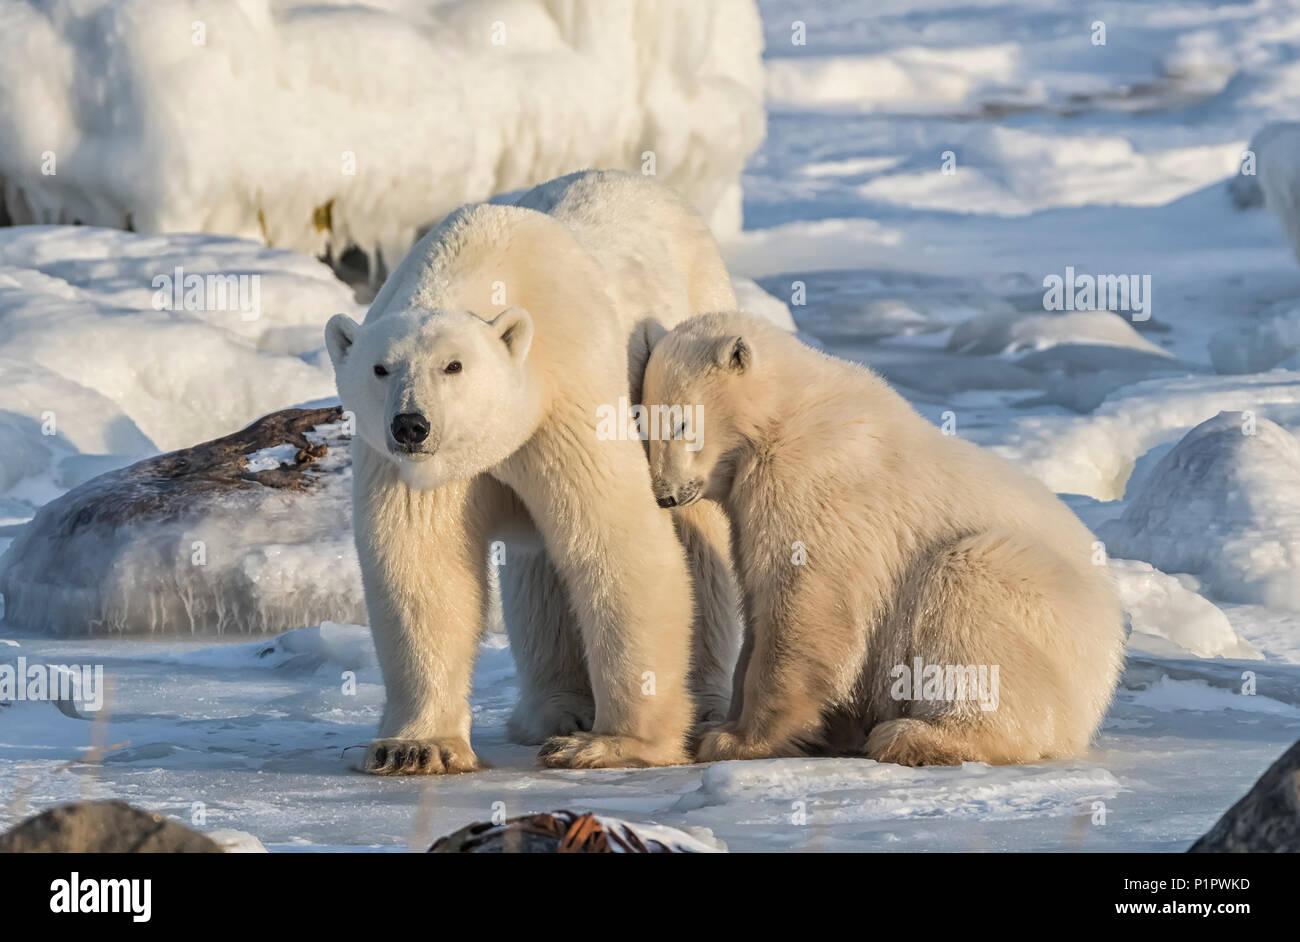 Mère et son petit ours polaires (Ursus maritimus) dans la neige; Churchill, Manitoba, Canada Photo Stock